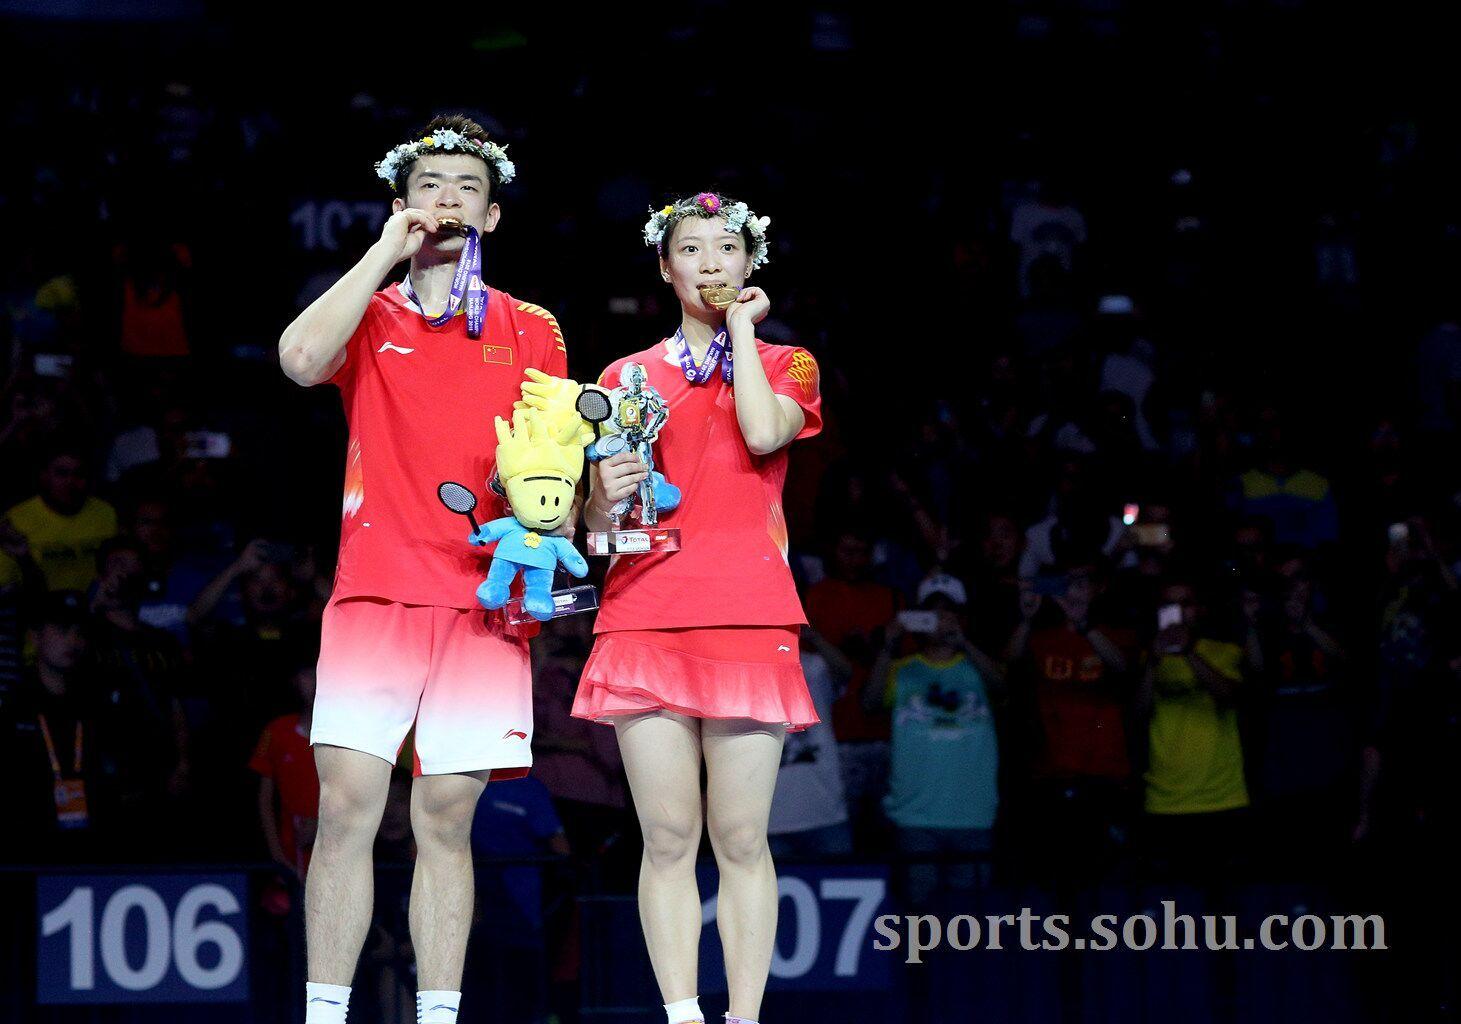 黄雅琼:看国旗升起激动落泪 赞妹妹是自己福星